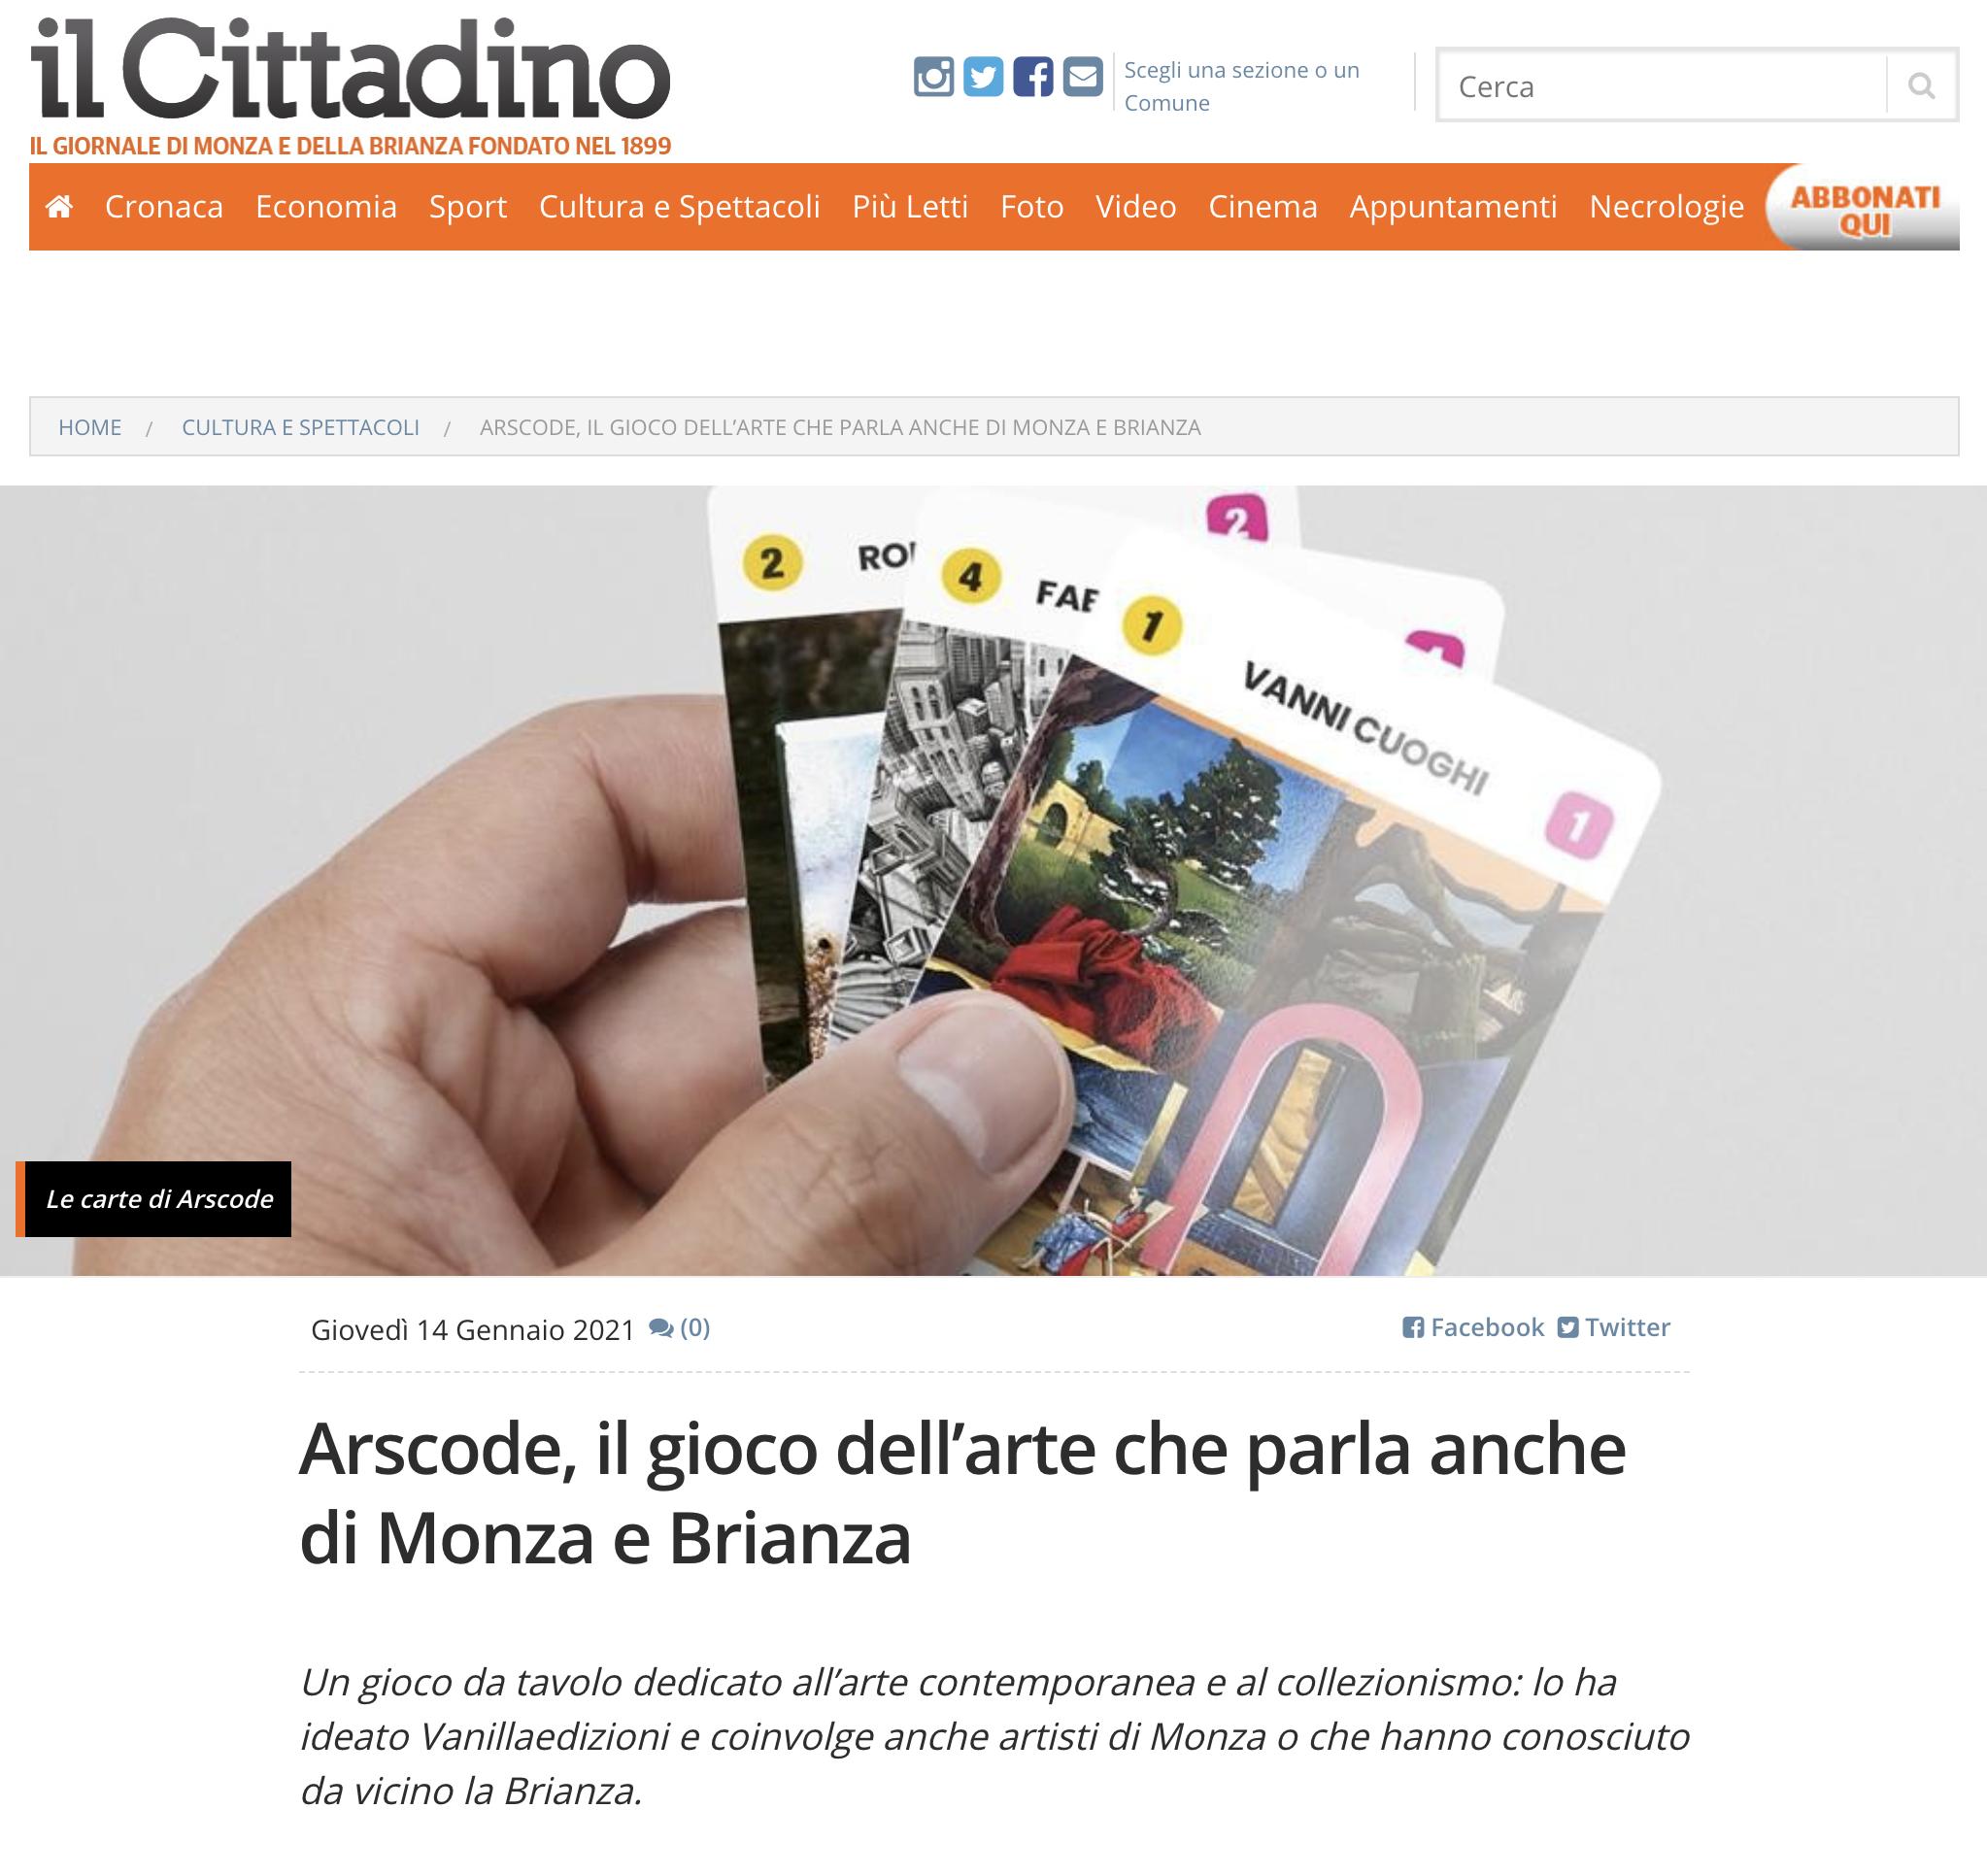 Arscode, il gioco dell'arte che parla anche di Monza e Brianza | Il Cittadino Monza e Brianza